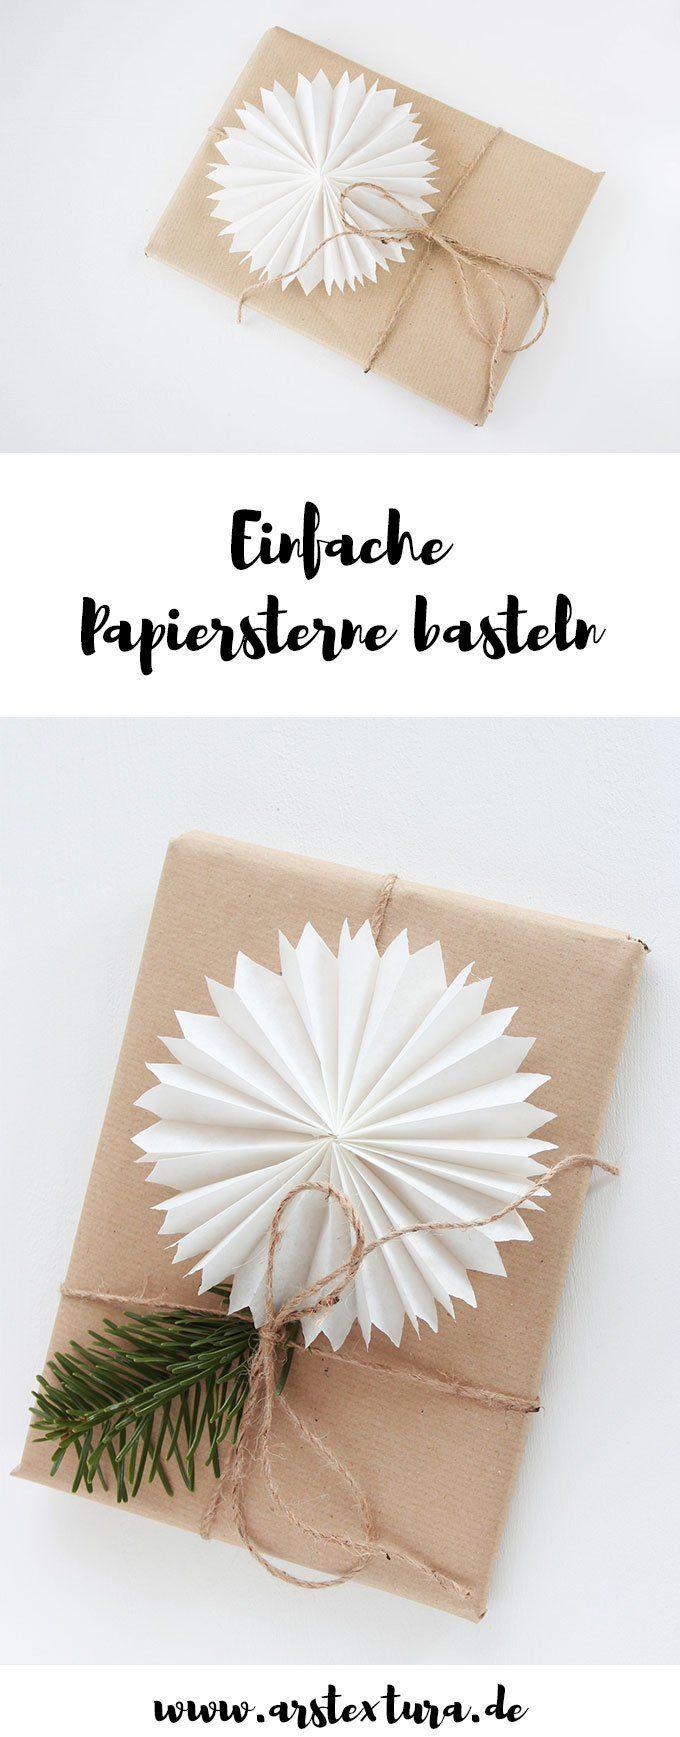 die besten 25 papiersterne basteln ideen auf pinterest sterne basteln aus papier. Black Bedroom Furniture Sets. Home Design Ideas